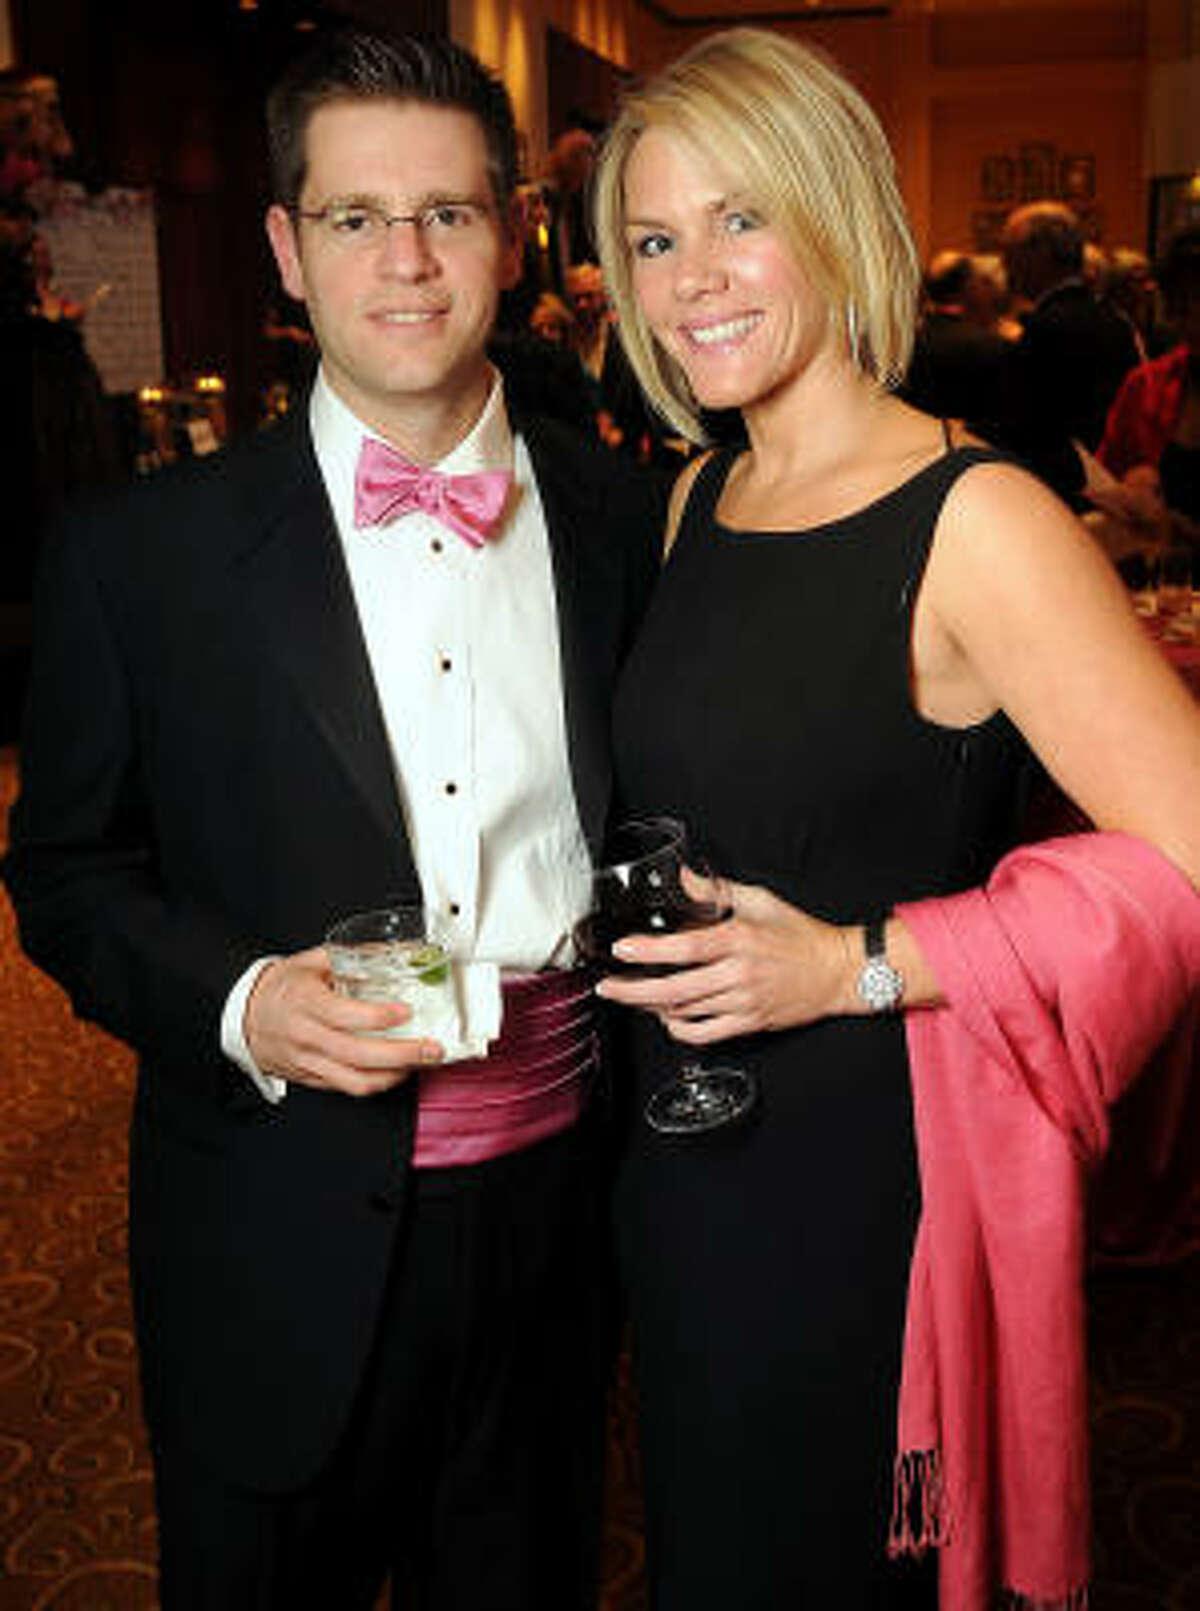 William Sorabella and Jennifer Gans